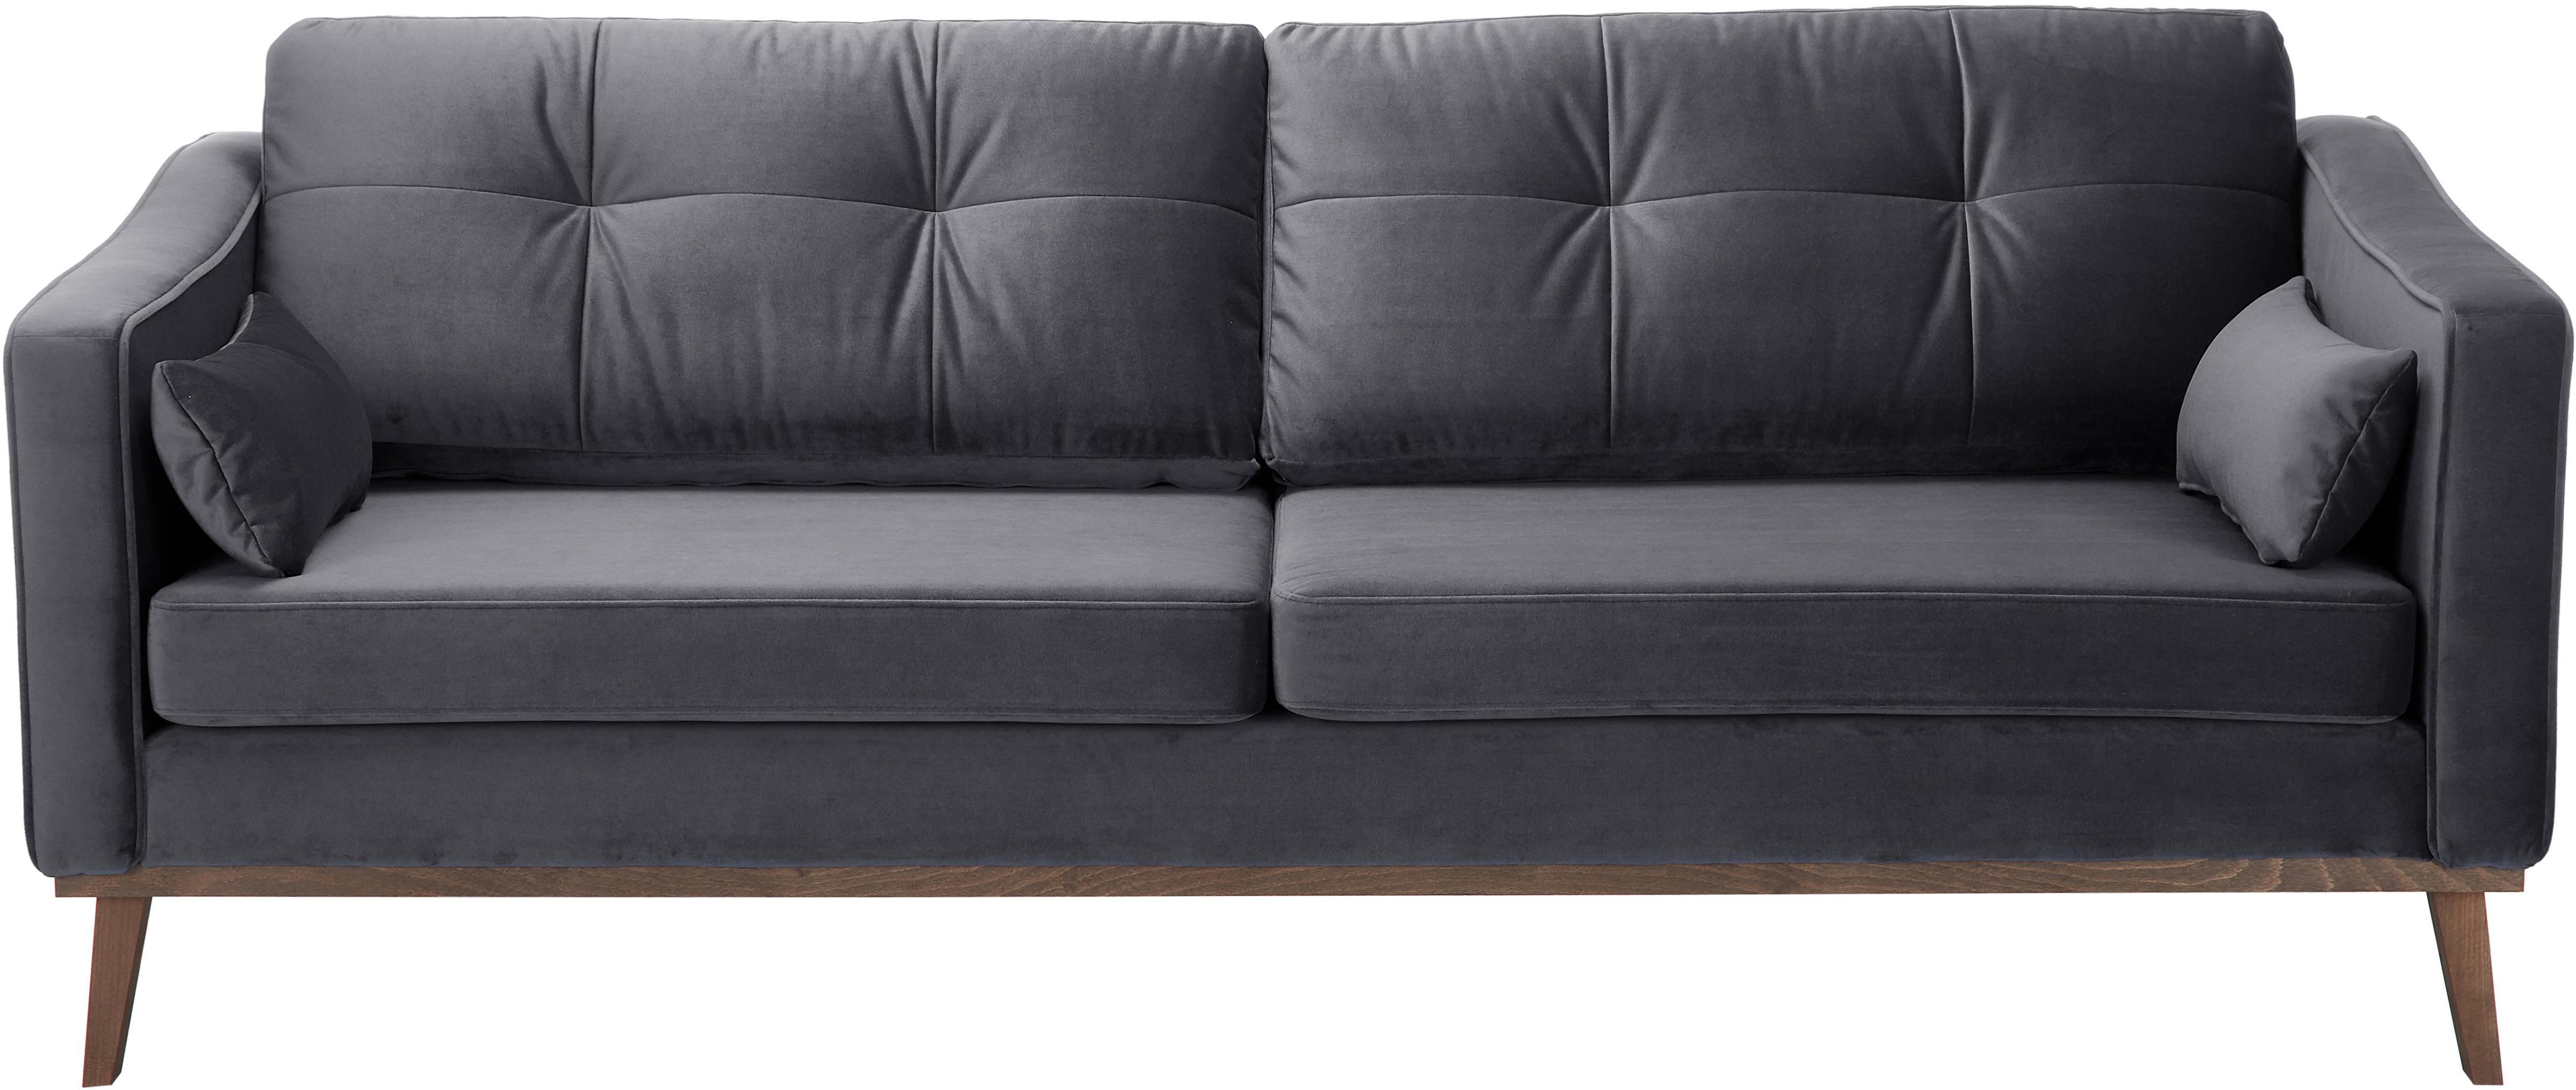 Fluwelen bank Alva (3-zits), Bekleding: fluweel (hoogwaardig poly, Frame: massief grenenhout, Poten: massief gebeitst beukenho, Donkergrijs, B 215 x D 92 cm